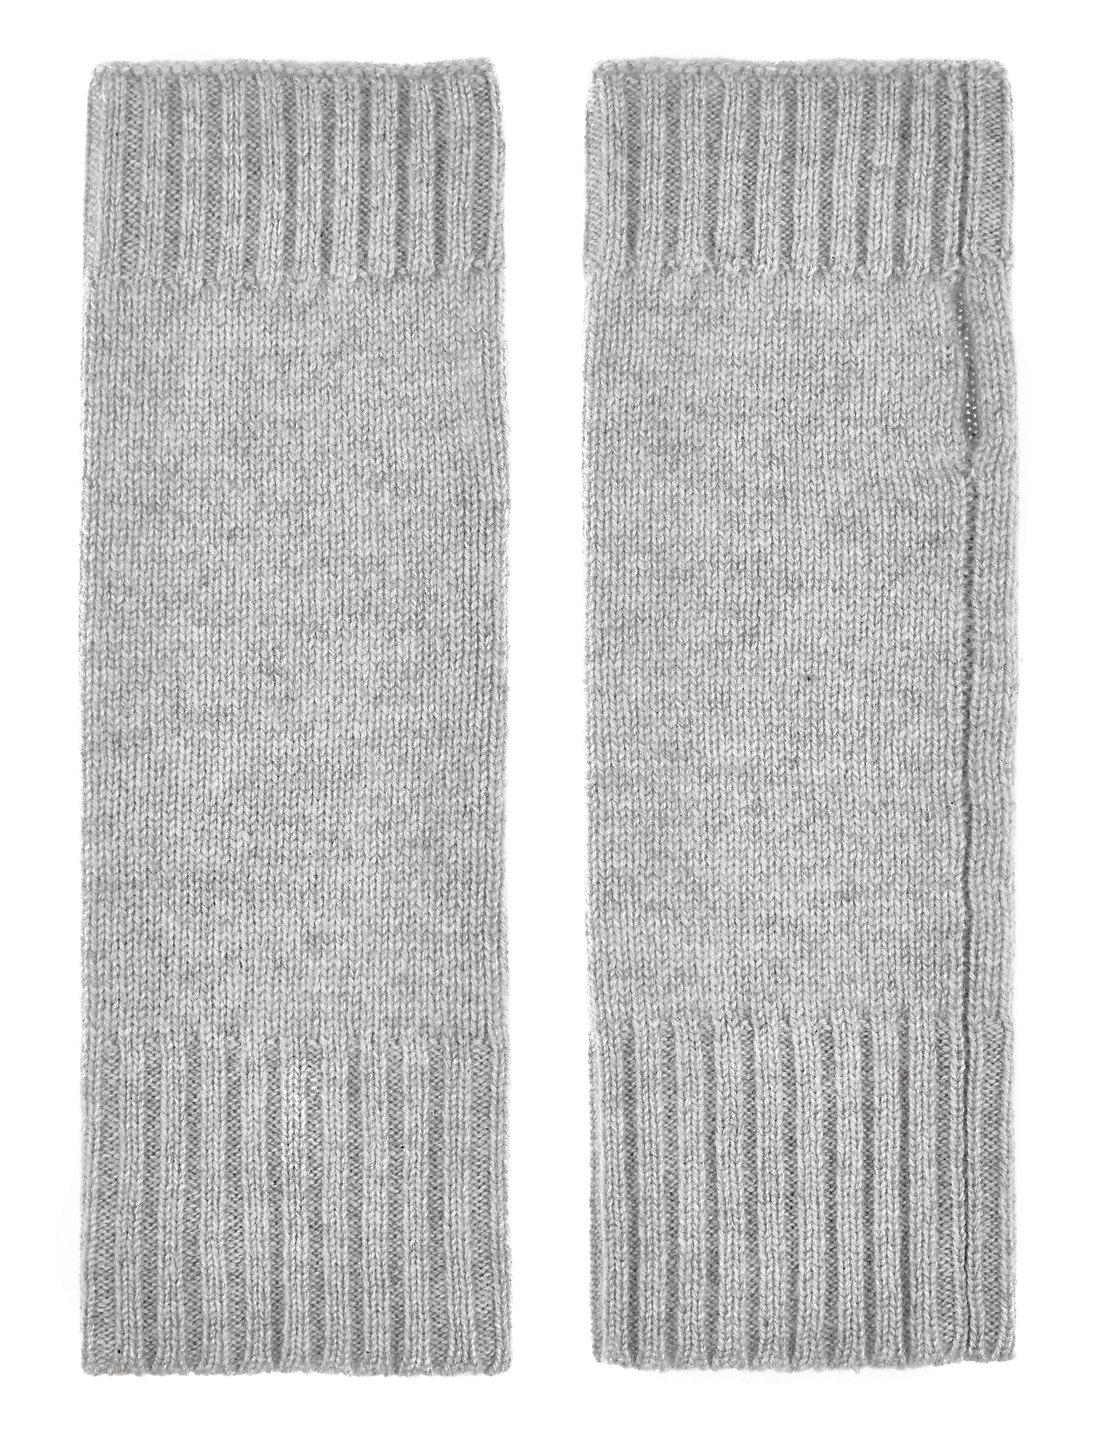 Fingerless gloves for musicians - Pure Cashmere Fingerless Gloves